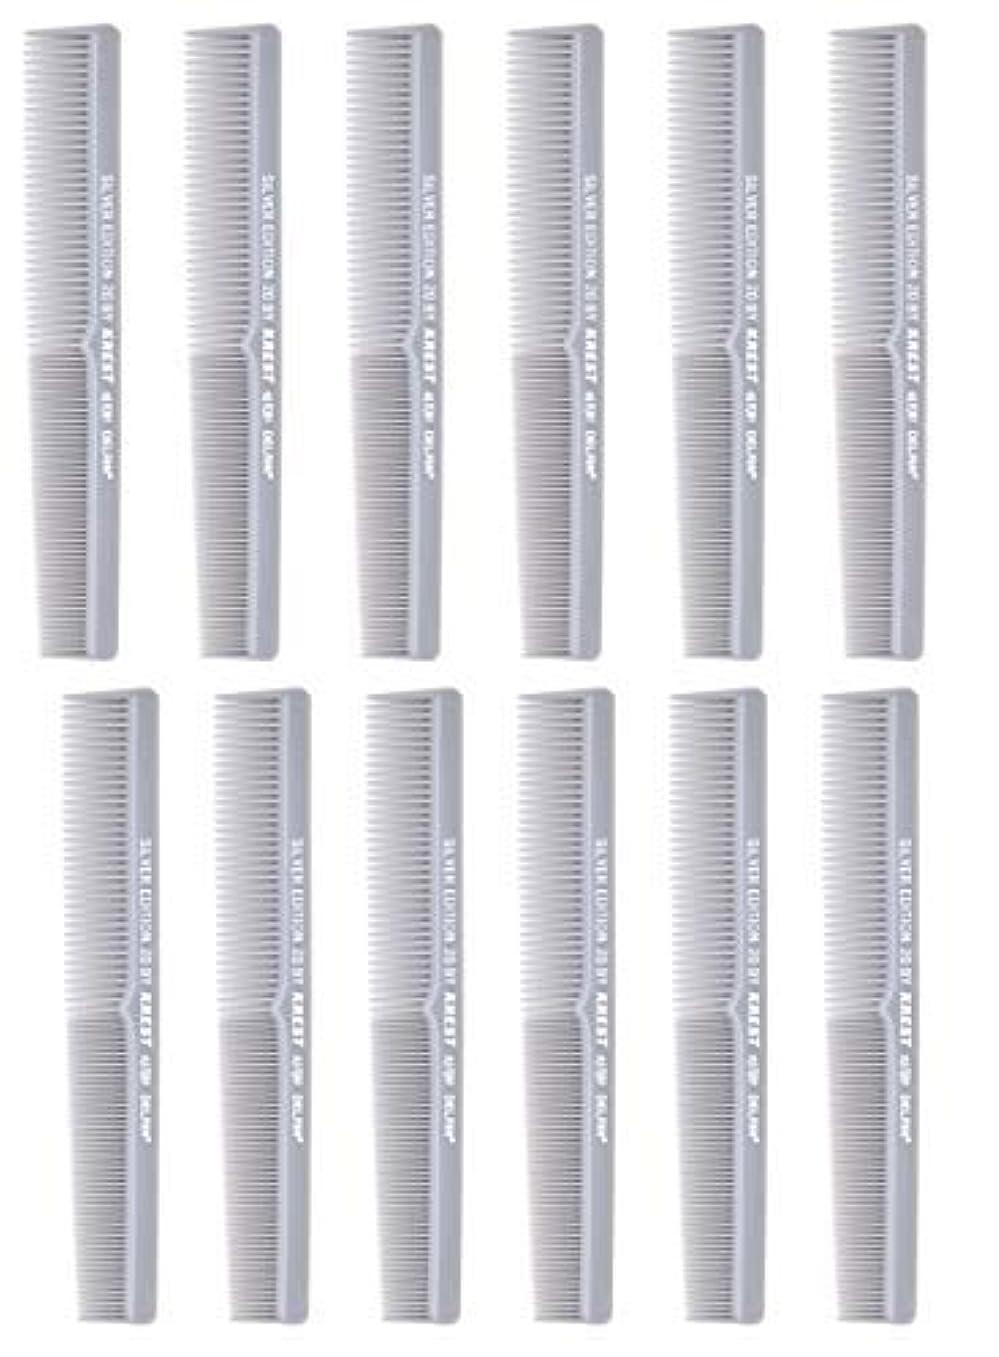 バックアップどうしたの確かな7 In. Barber Comb.?Thermal Combs. Silver Edition All Purpose Styler Hair Cutting Comb #20. 1 Dz. [並行輸入品]